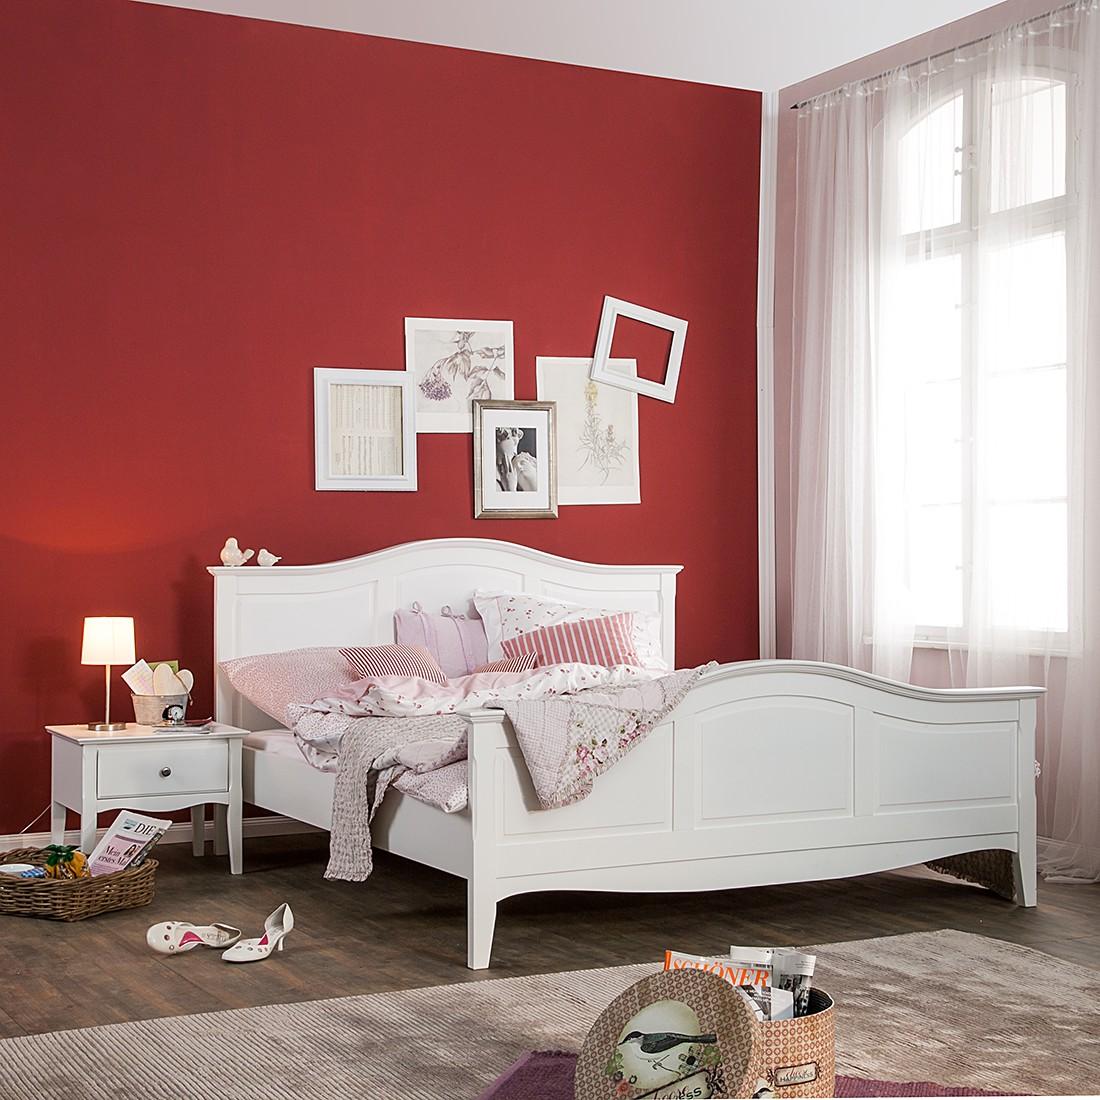 Bett aus der Serie Giselle in Weiß (140 x 200 cm)   home24